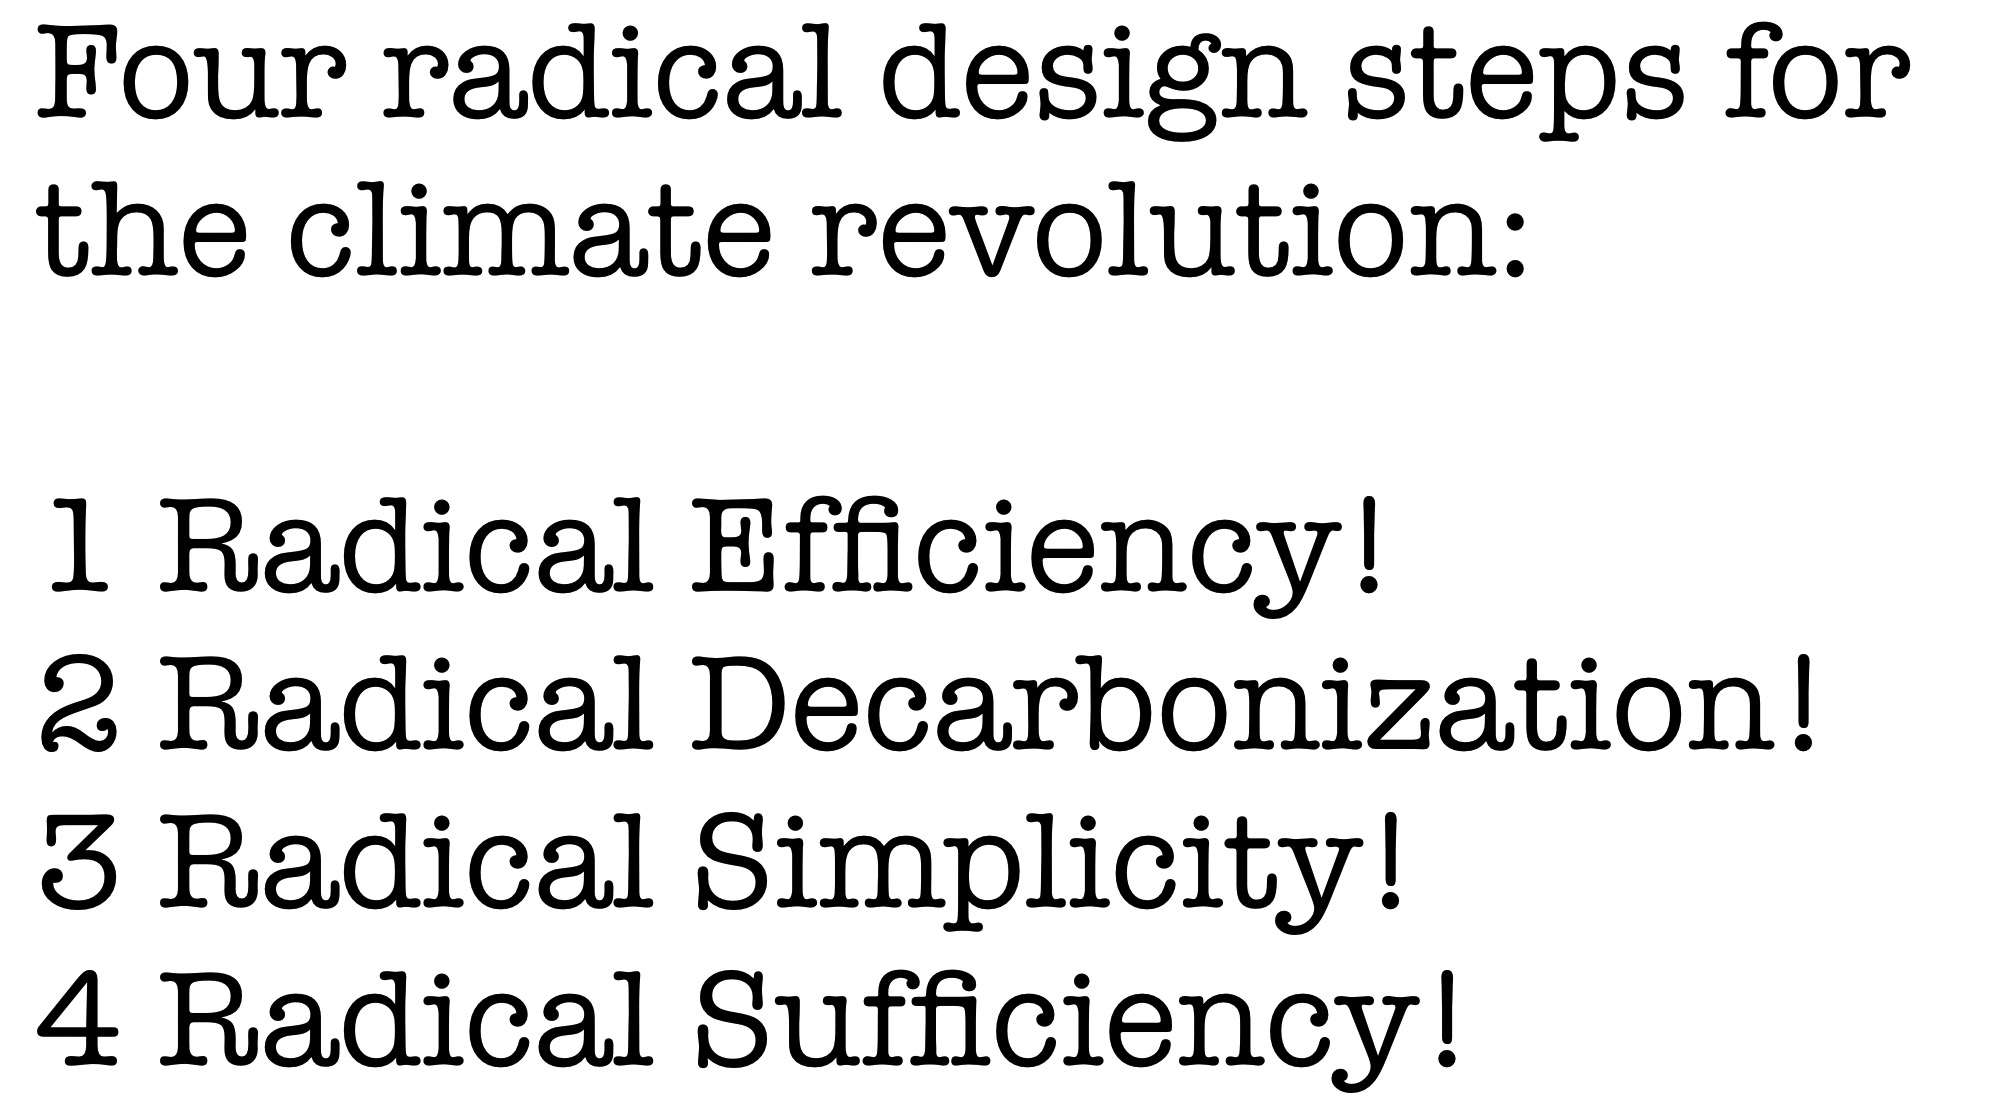 Four steps